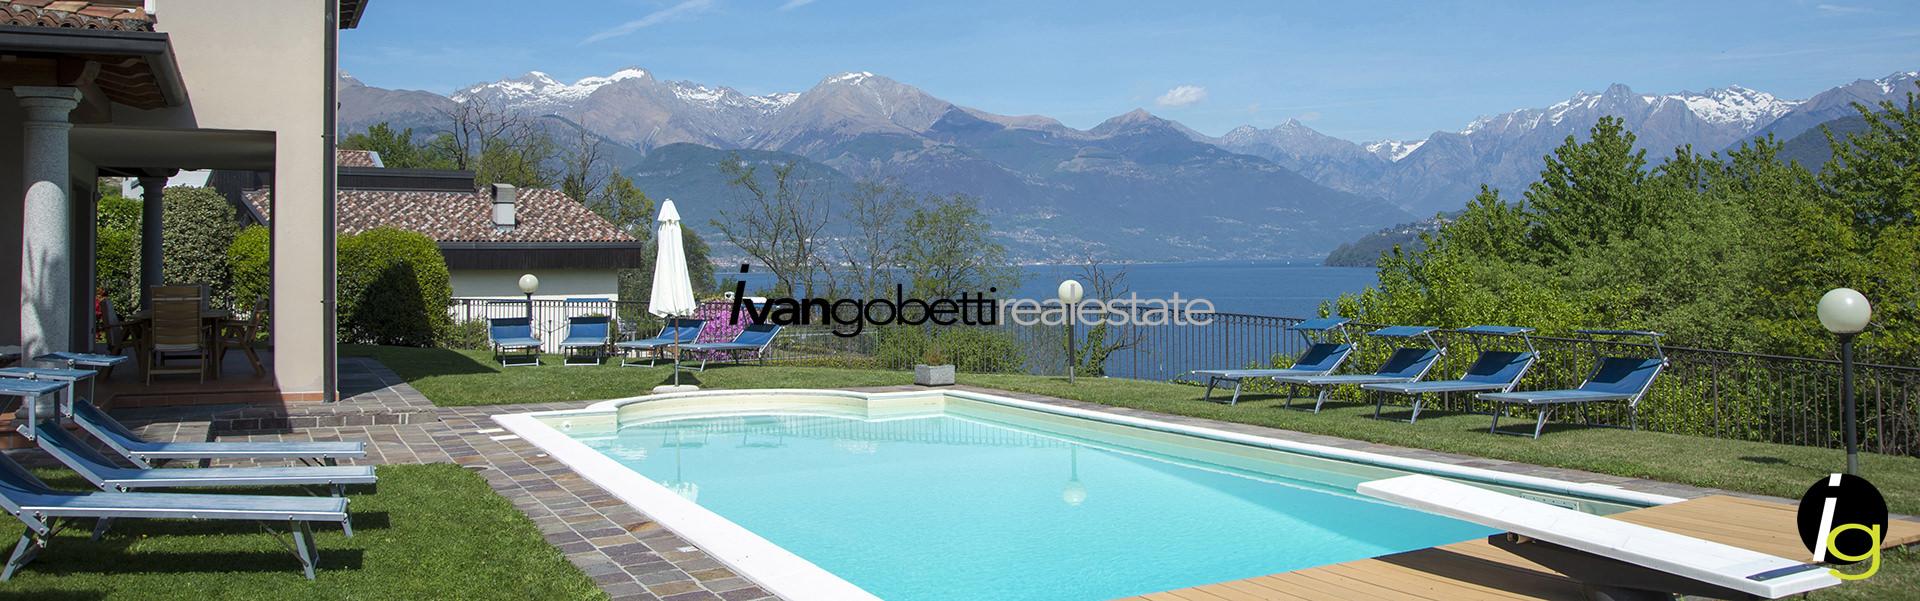 Vendesi villa con piscina Lago di Como Menaggio